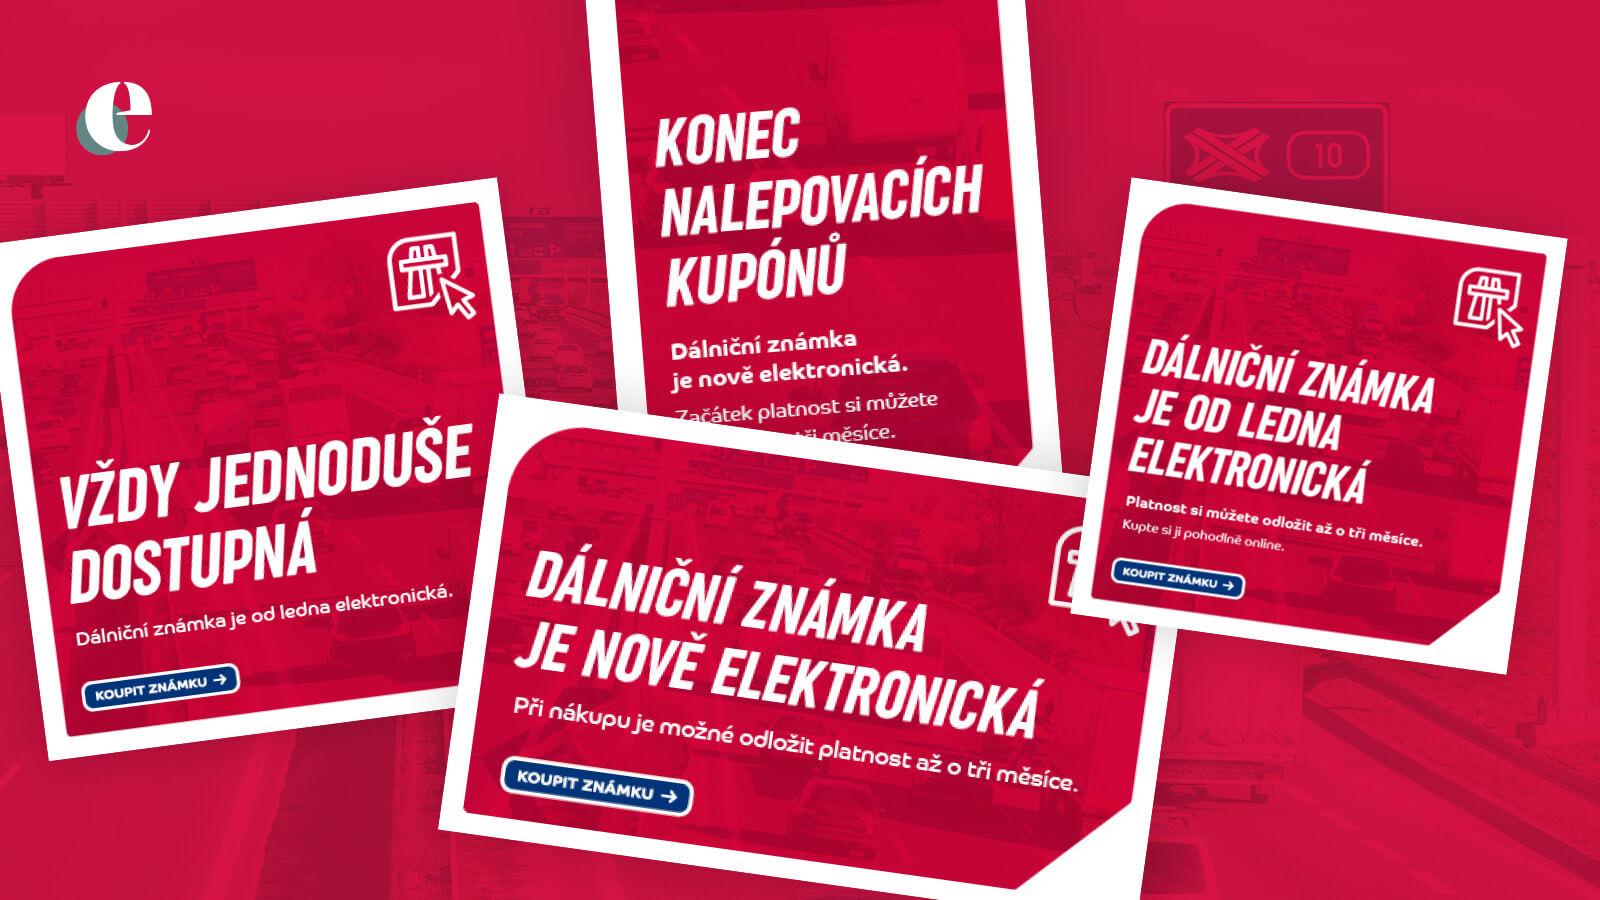 Kampaň na elektronickou dálniční známku